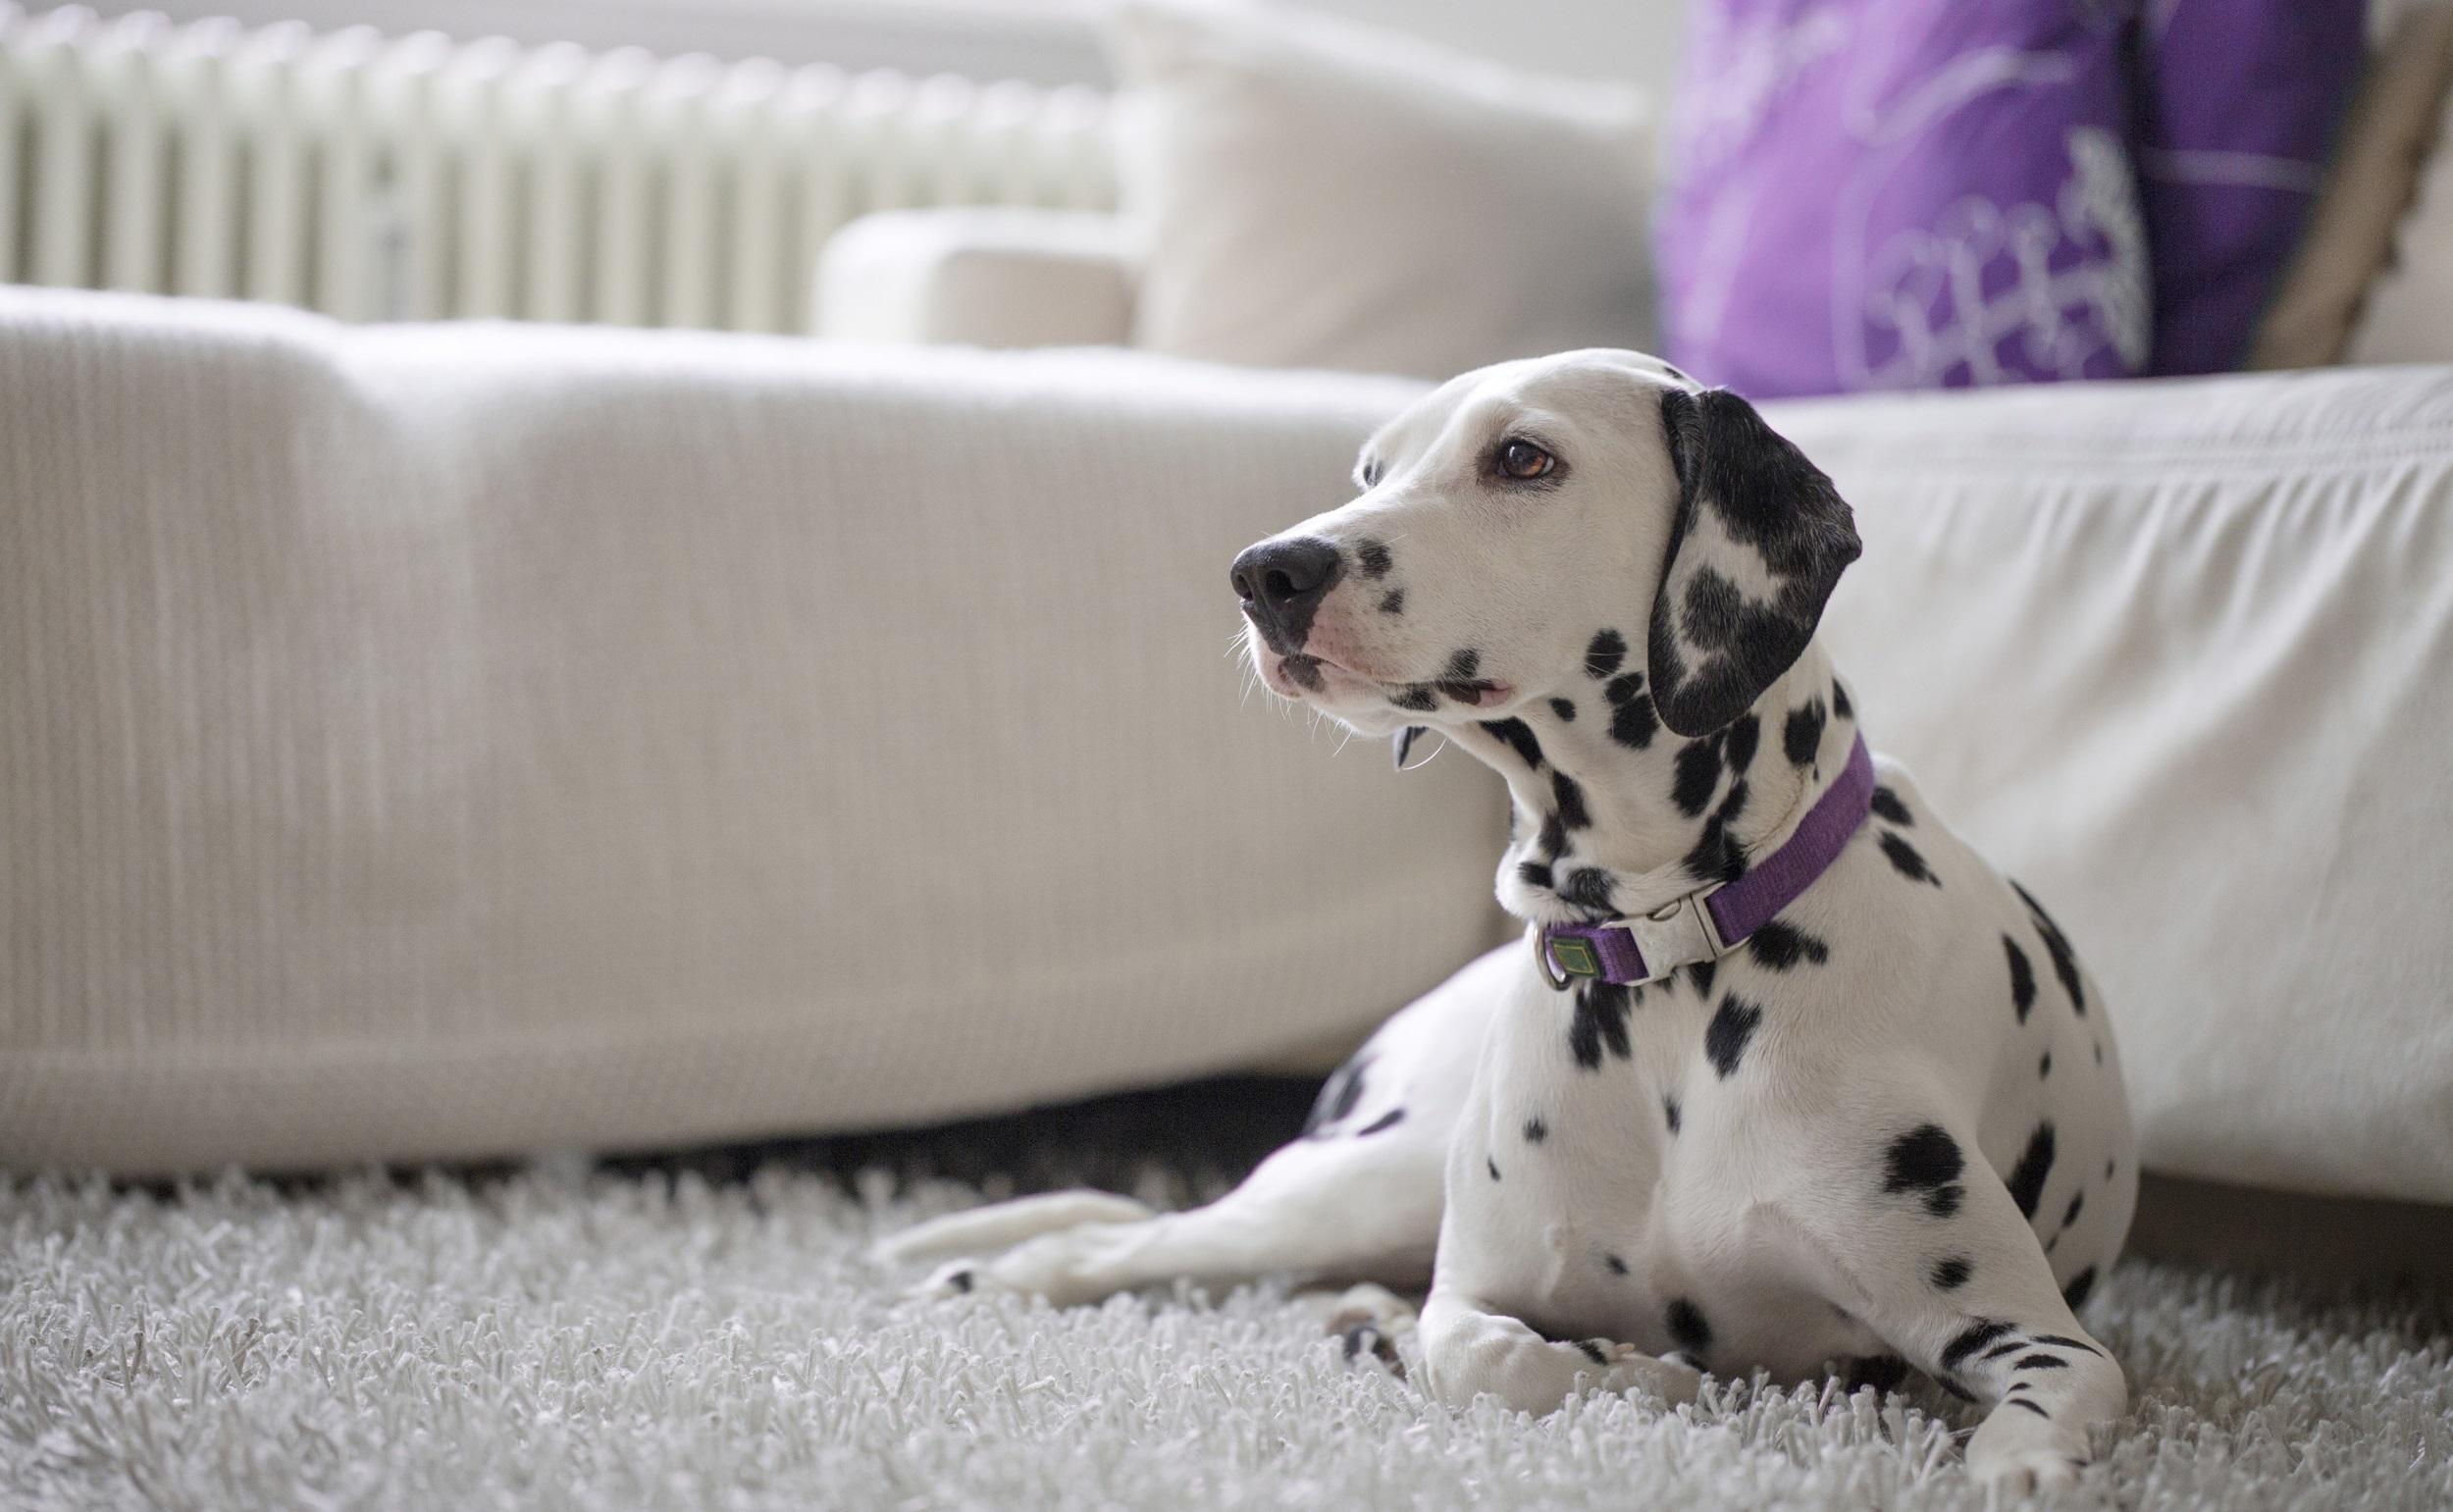 Dalmation next to a white sofa